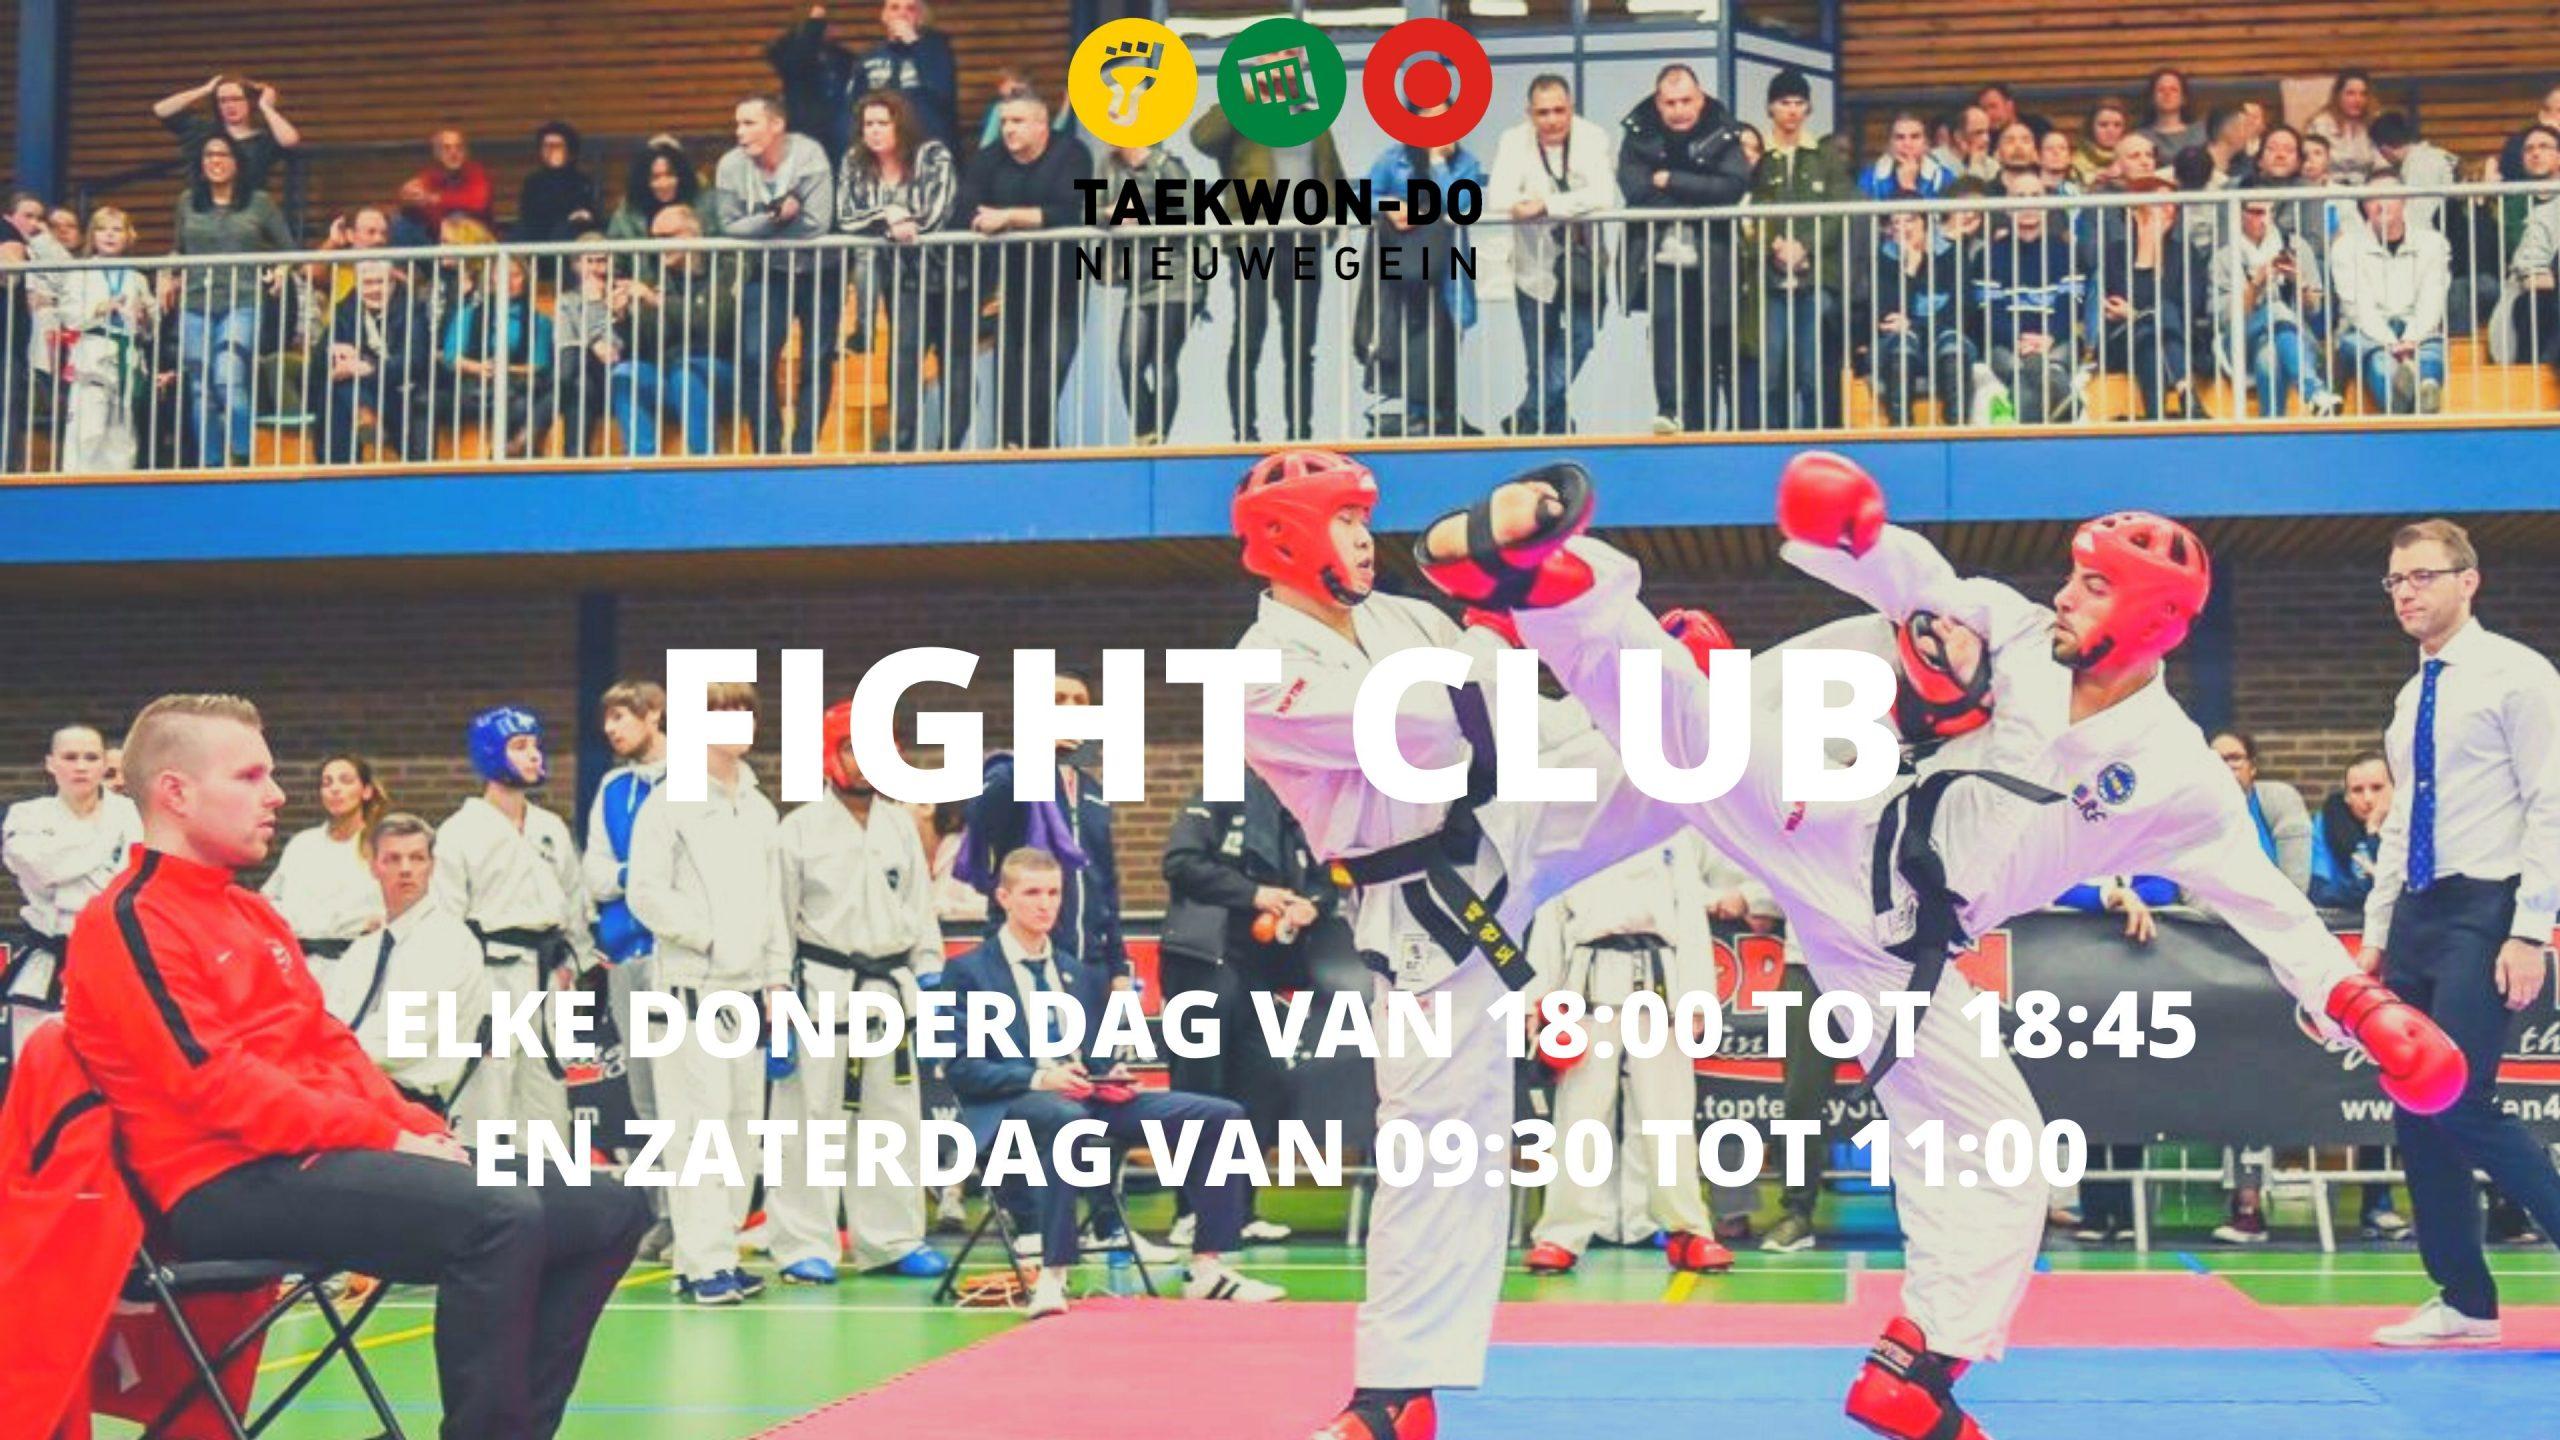 Fight Club Taekwon-Do Nieuwegein